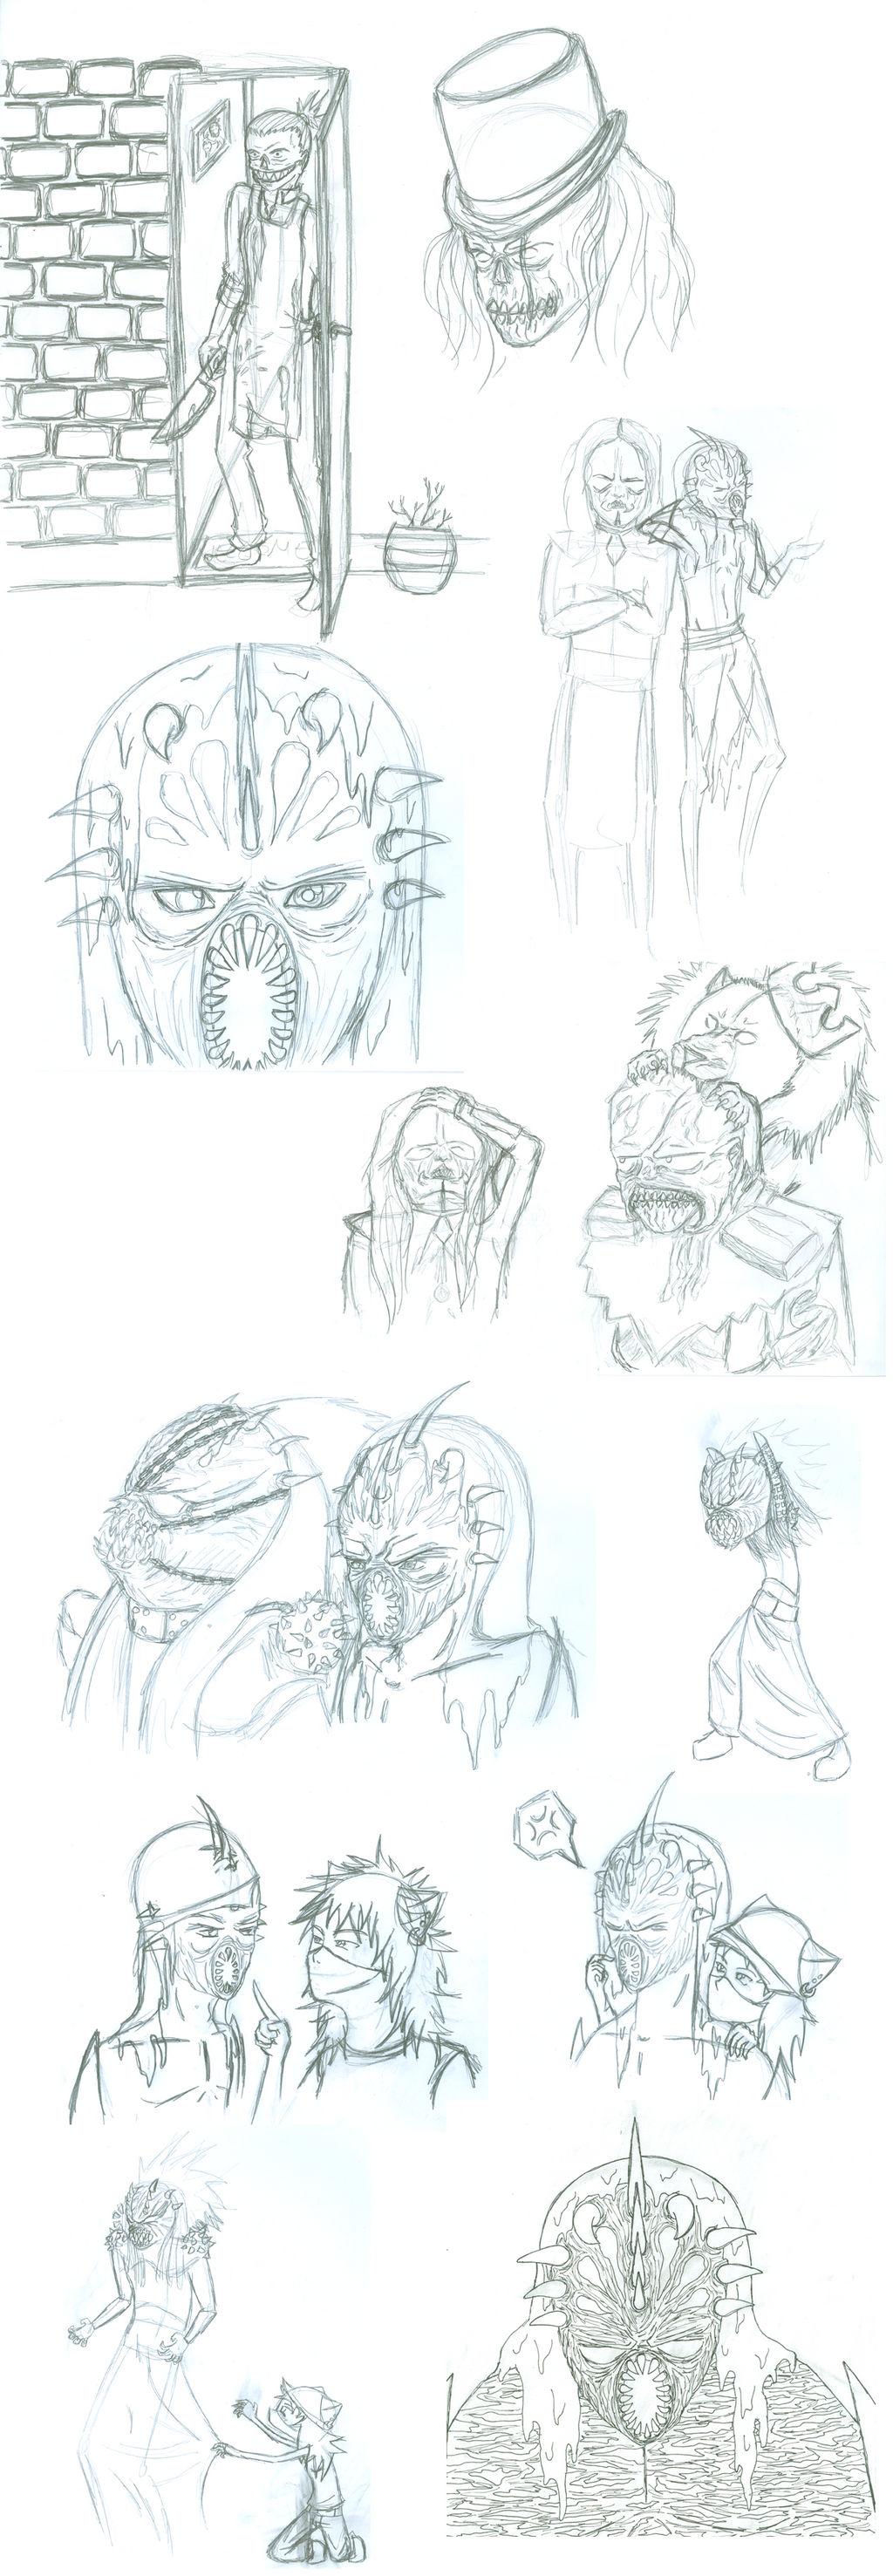 Lordi Sketchdump